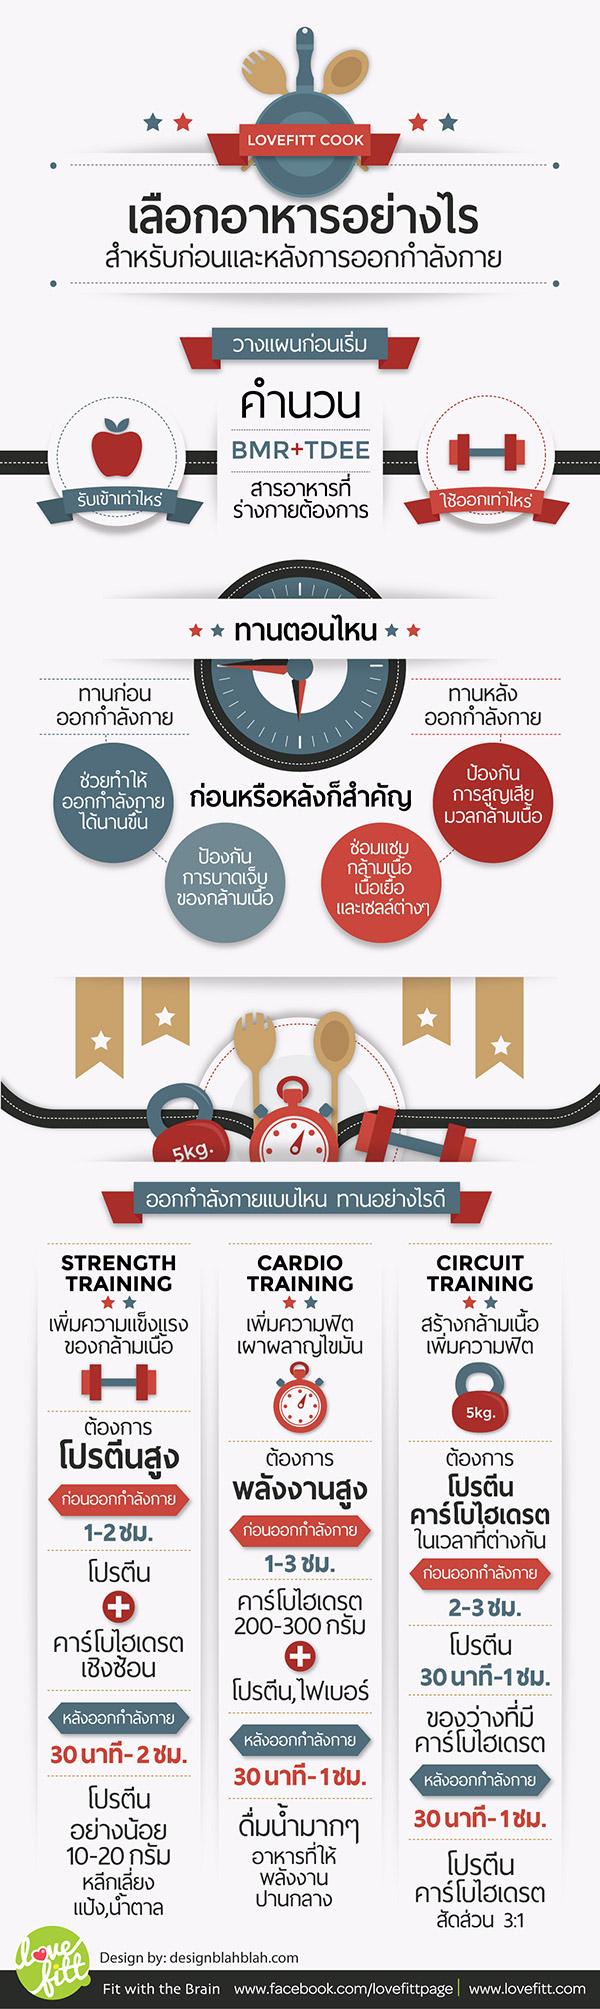 เลือกอาหารอย่างไร สำหรับก่อนและหลังการออกกำลังกาย